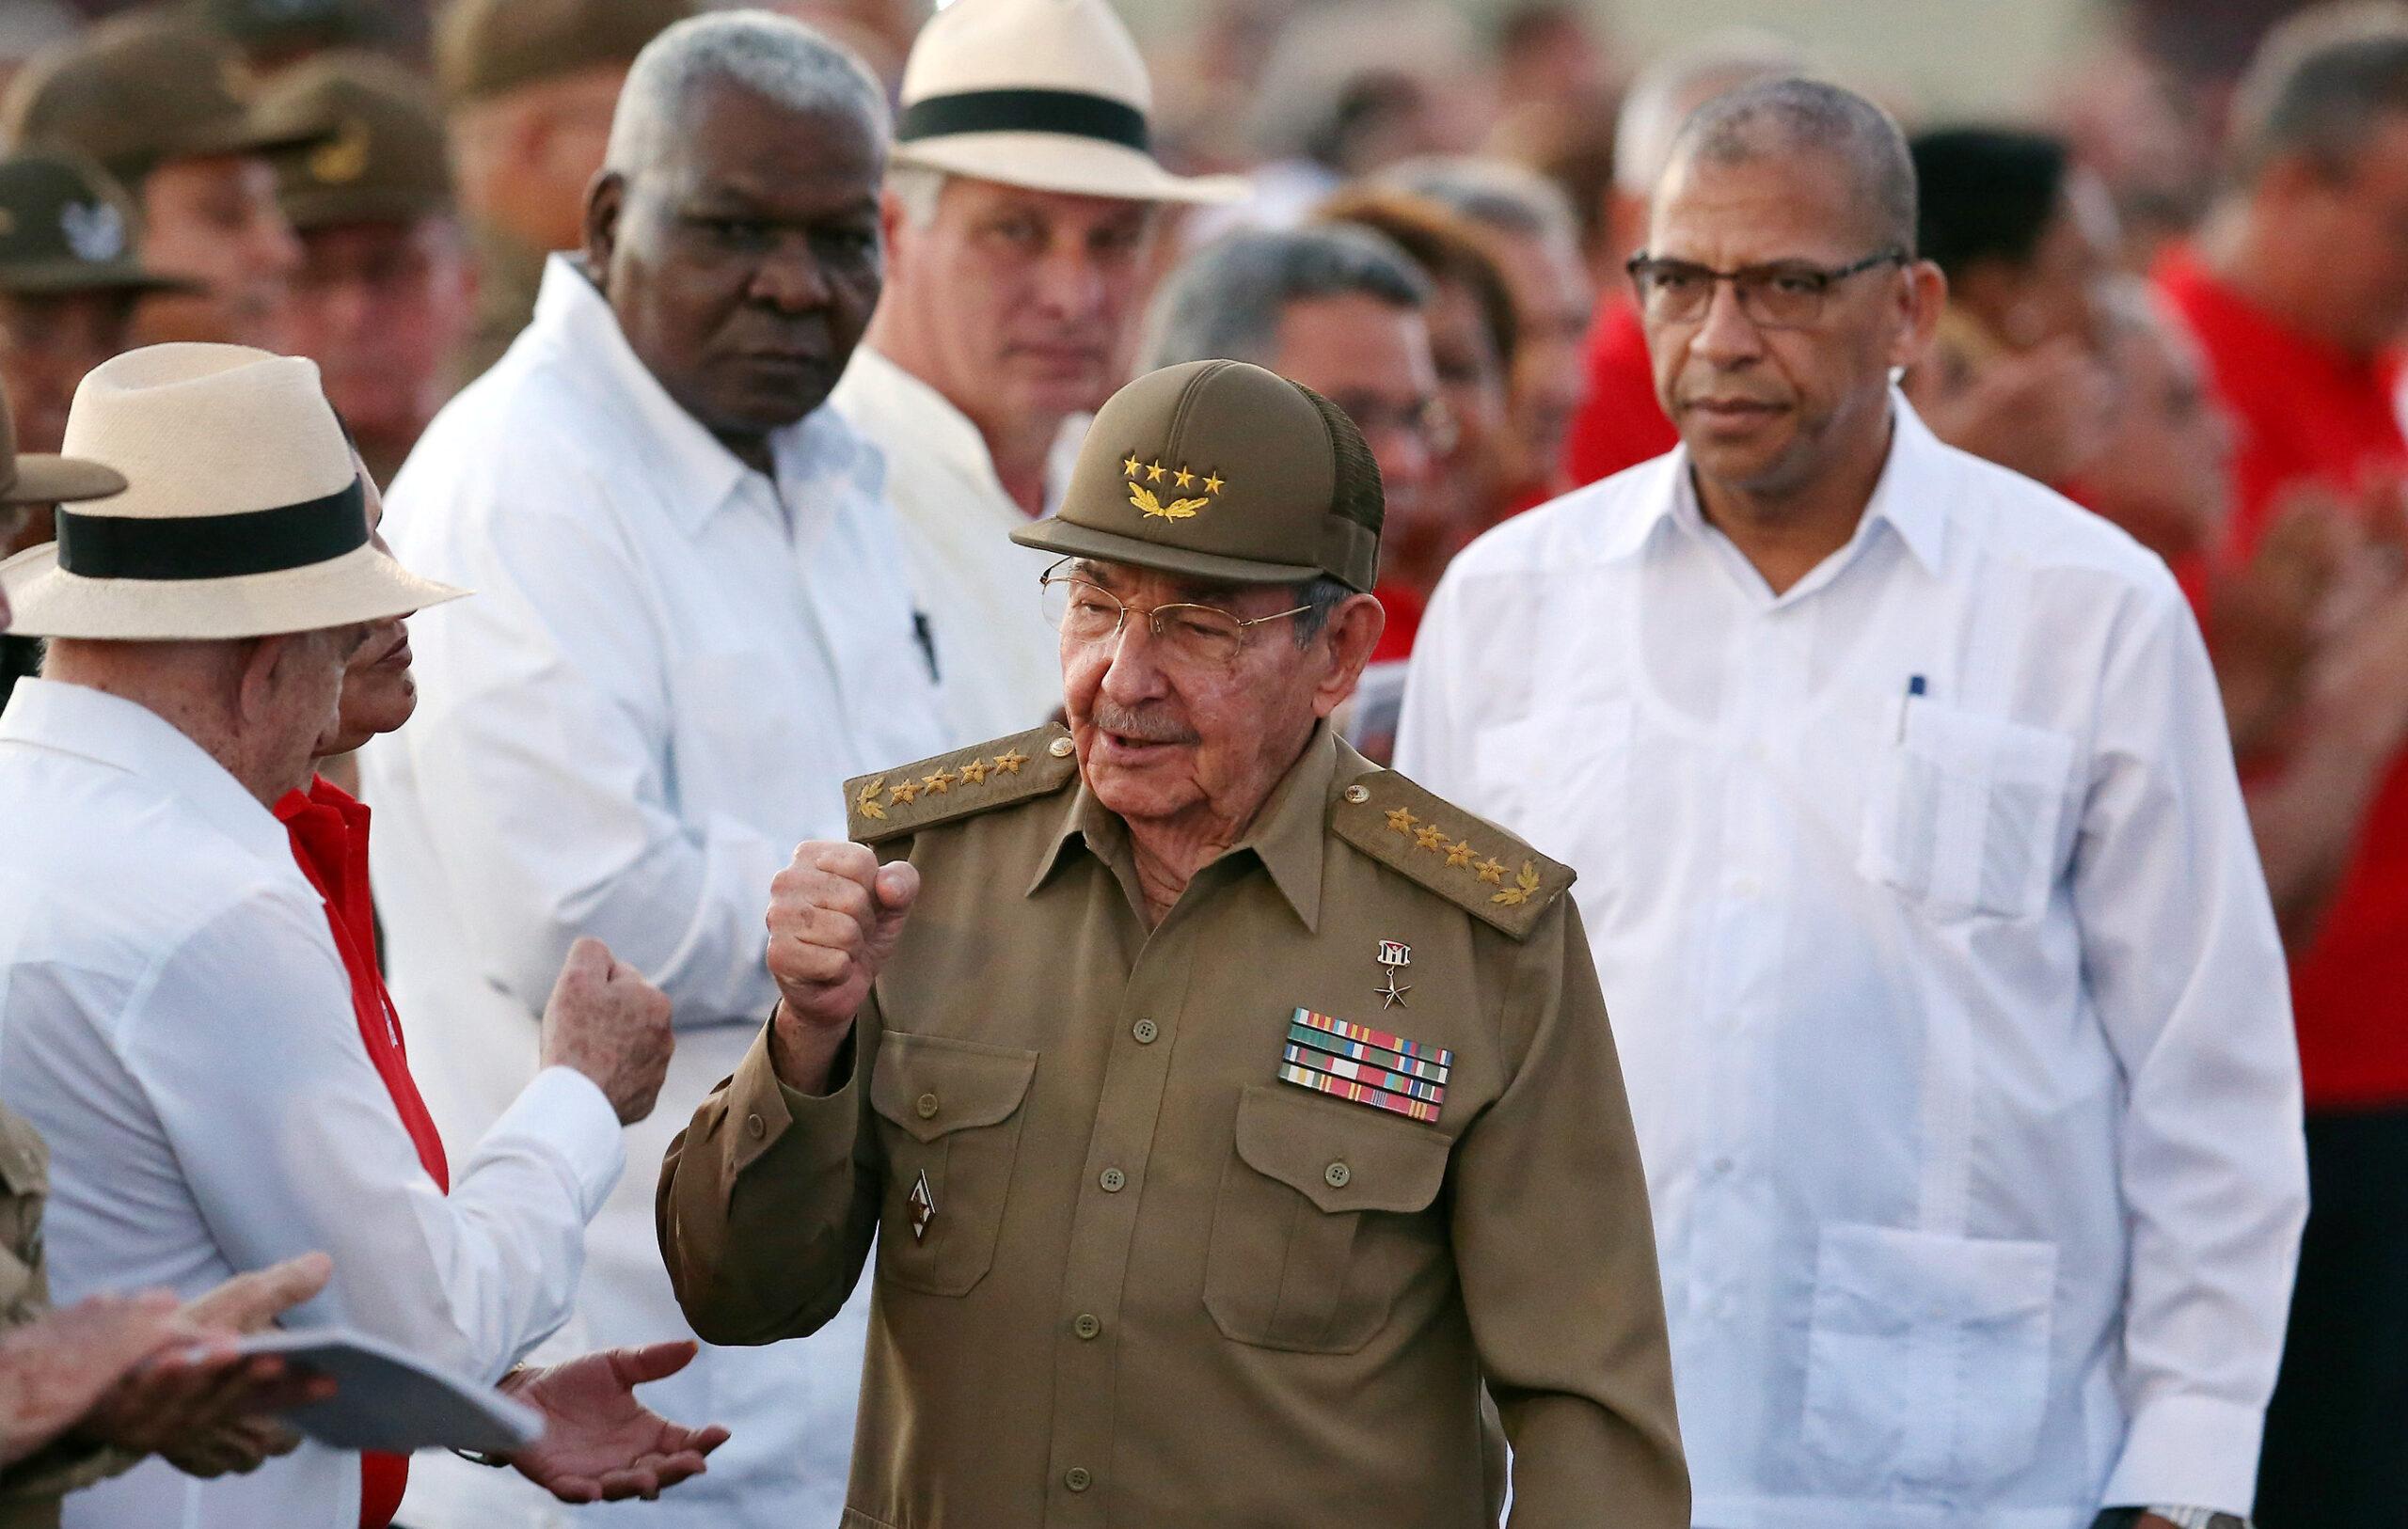 क्युबाको कम्युनिष्ट पार्टी प्रमुख पद त्याग गर्ने राहुल क्यास्ट्रोको घोषणा